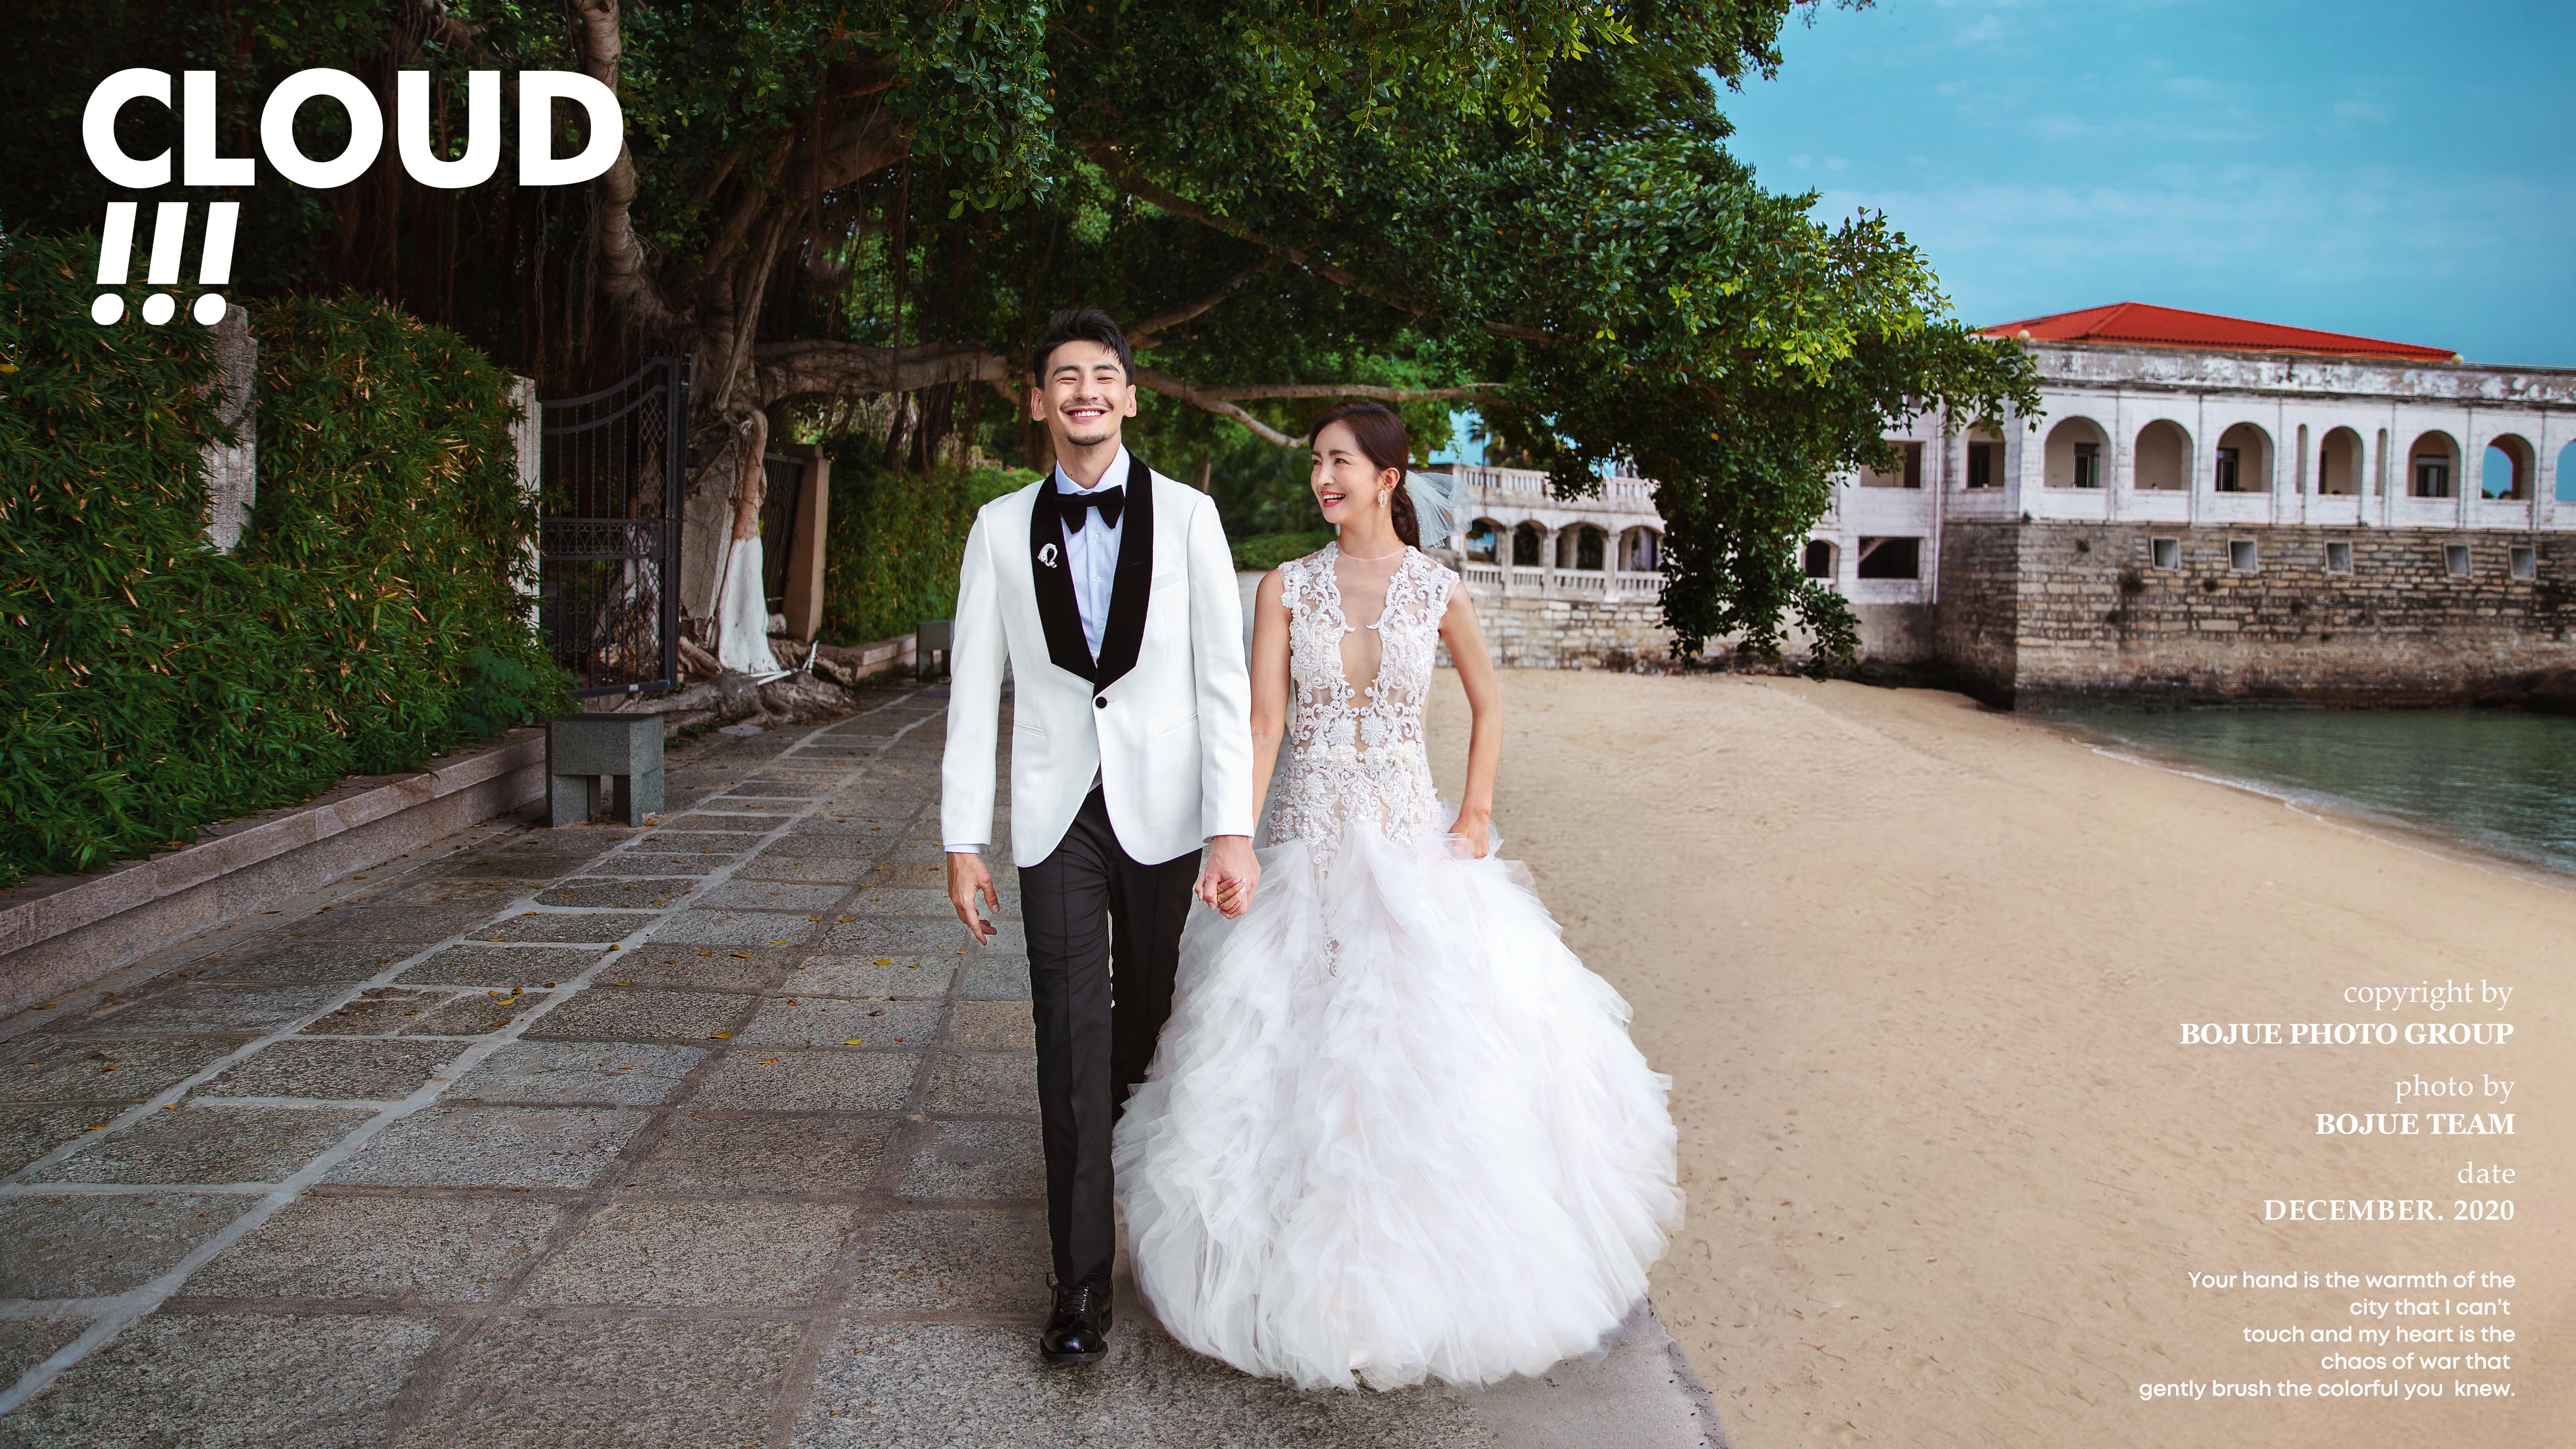 厦门婚纱照拍摄需要多久 1天够不够拍完全套婚纱照